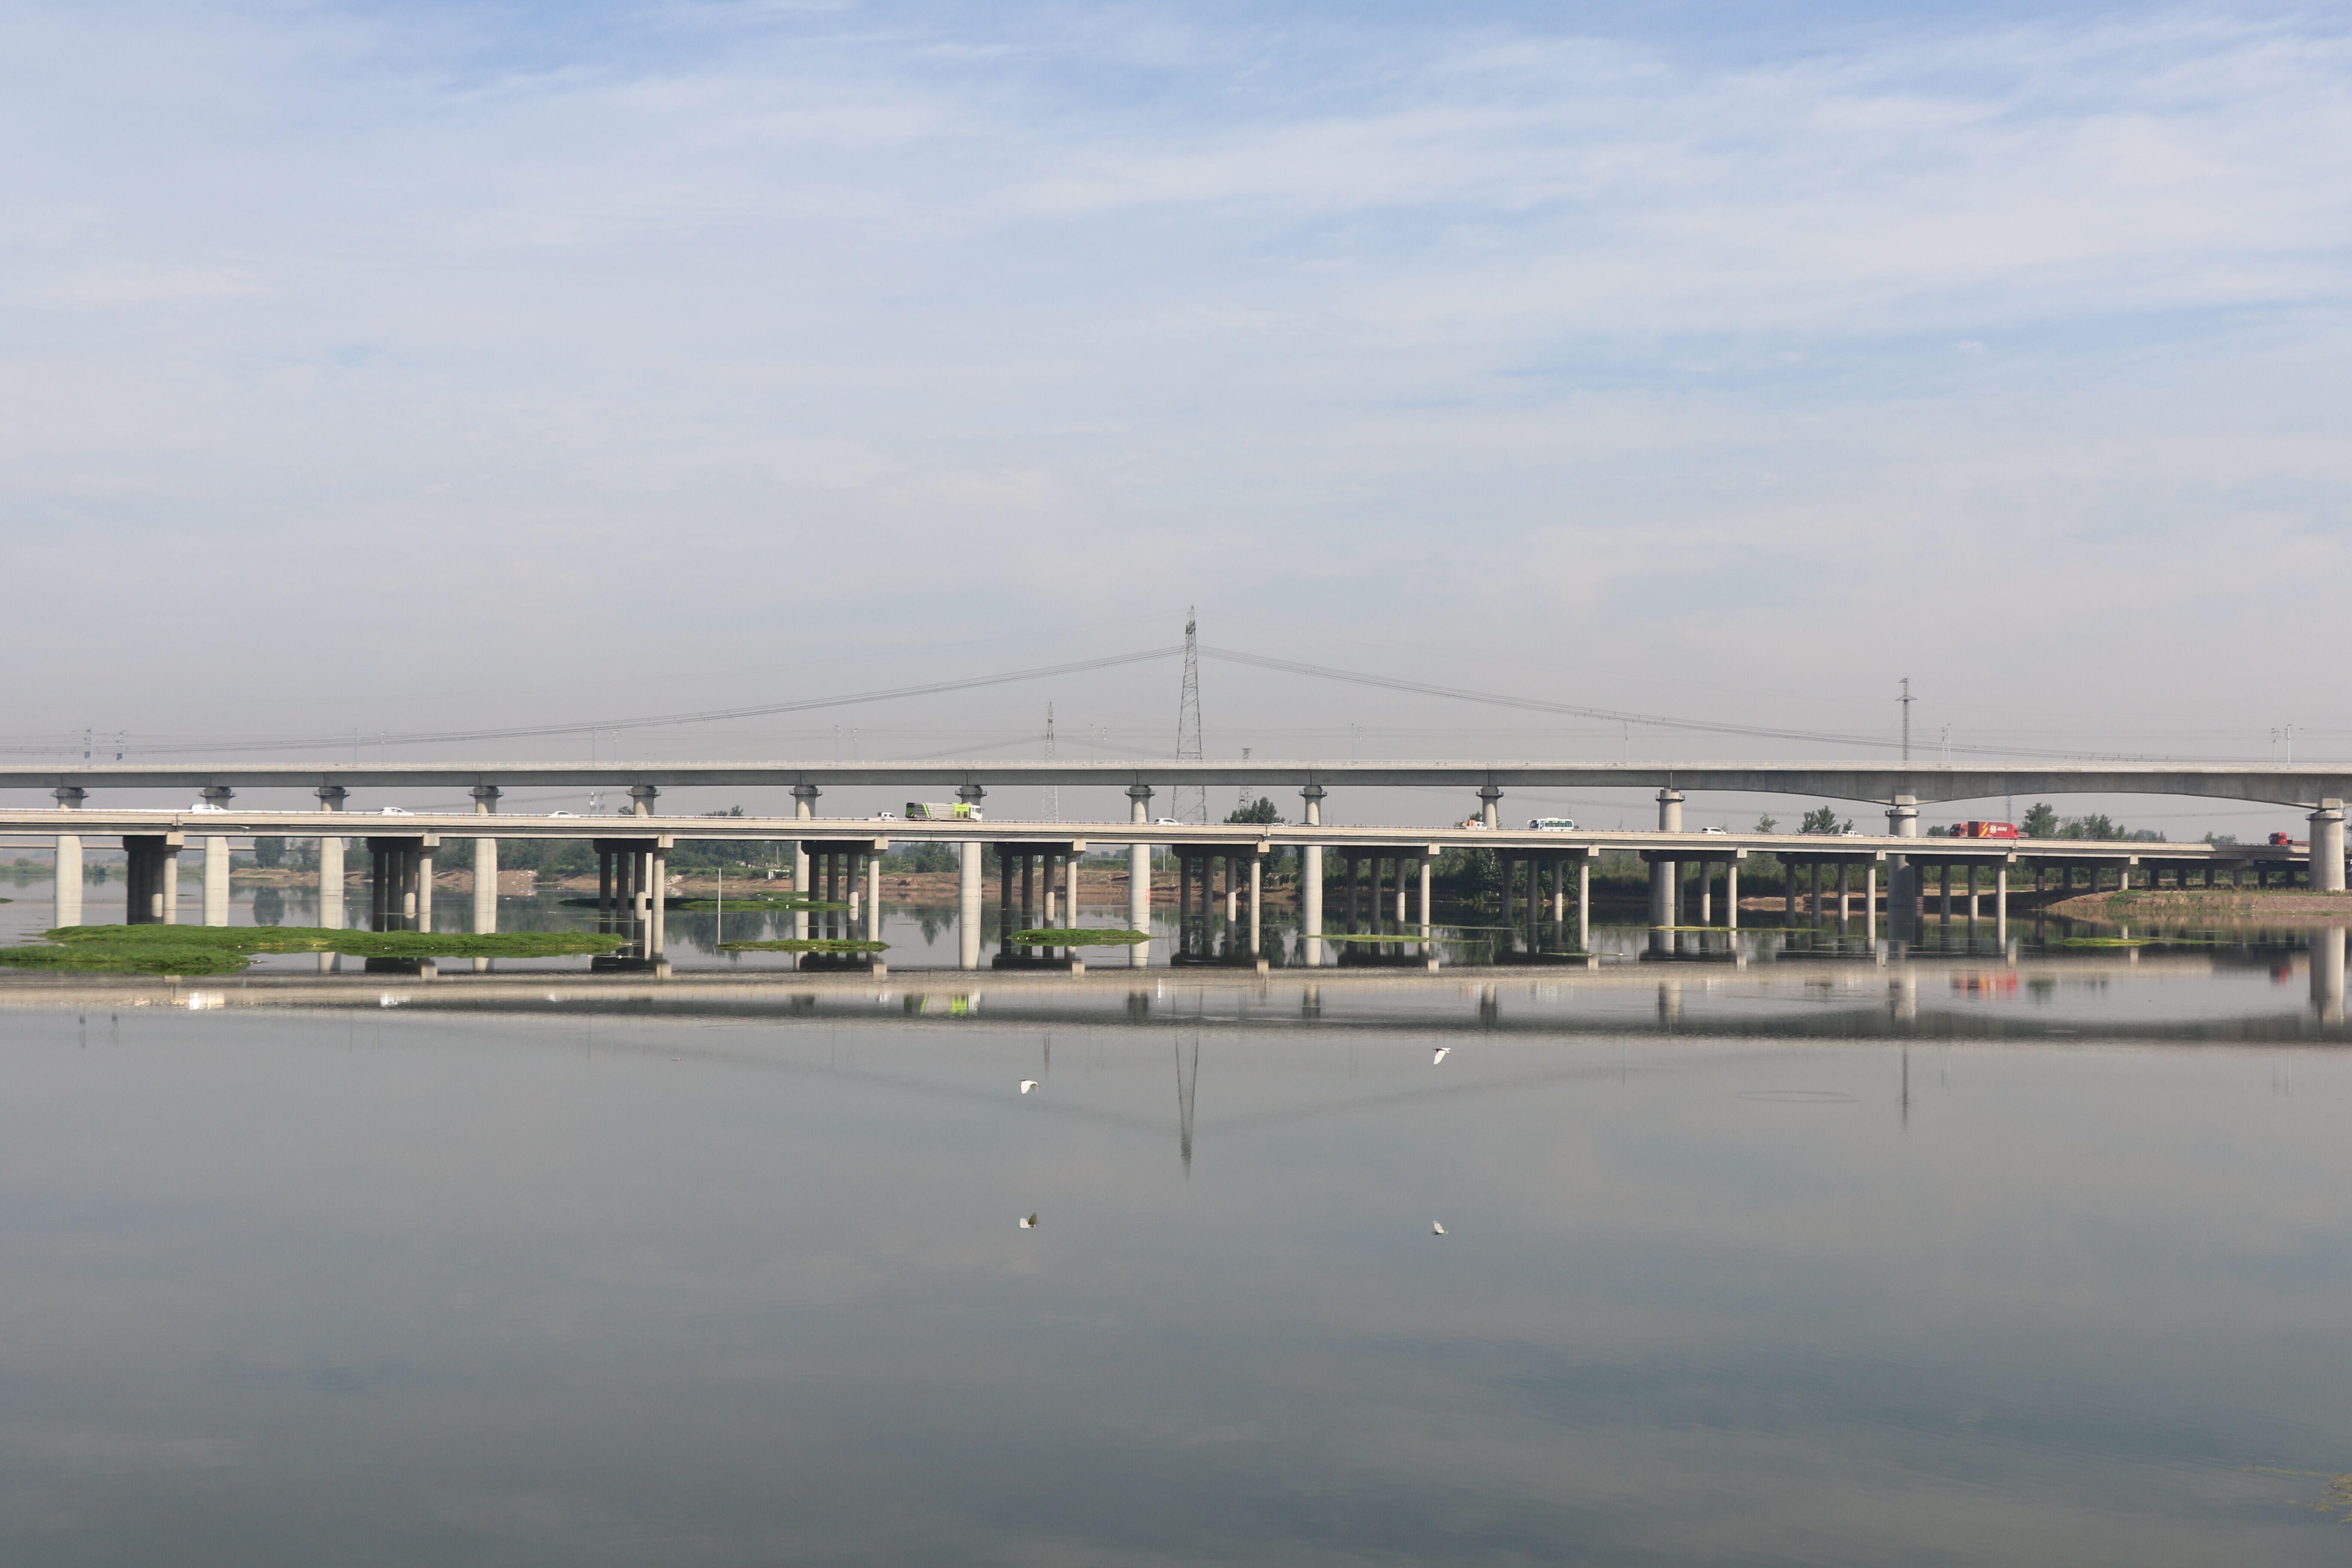 水天一色!北汝河郏县城区段橡胶坝蓄水可为10万人提供可靠用水保障